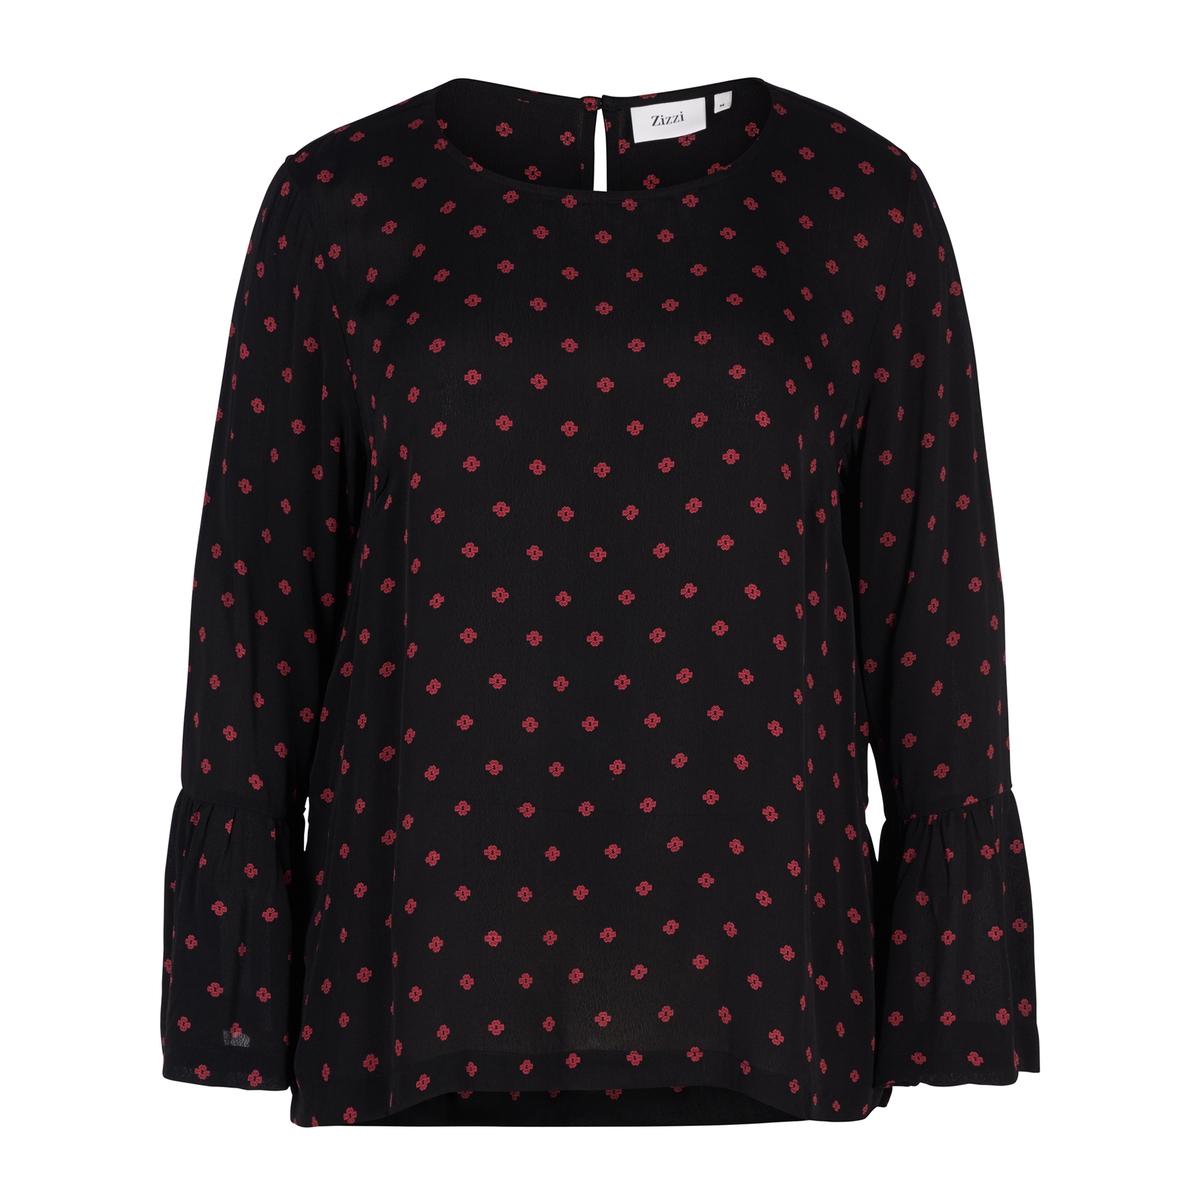 Блузка с принтом в горошек, рукава с воланами